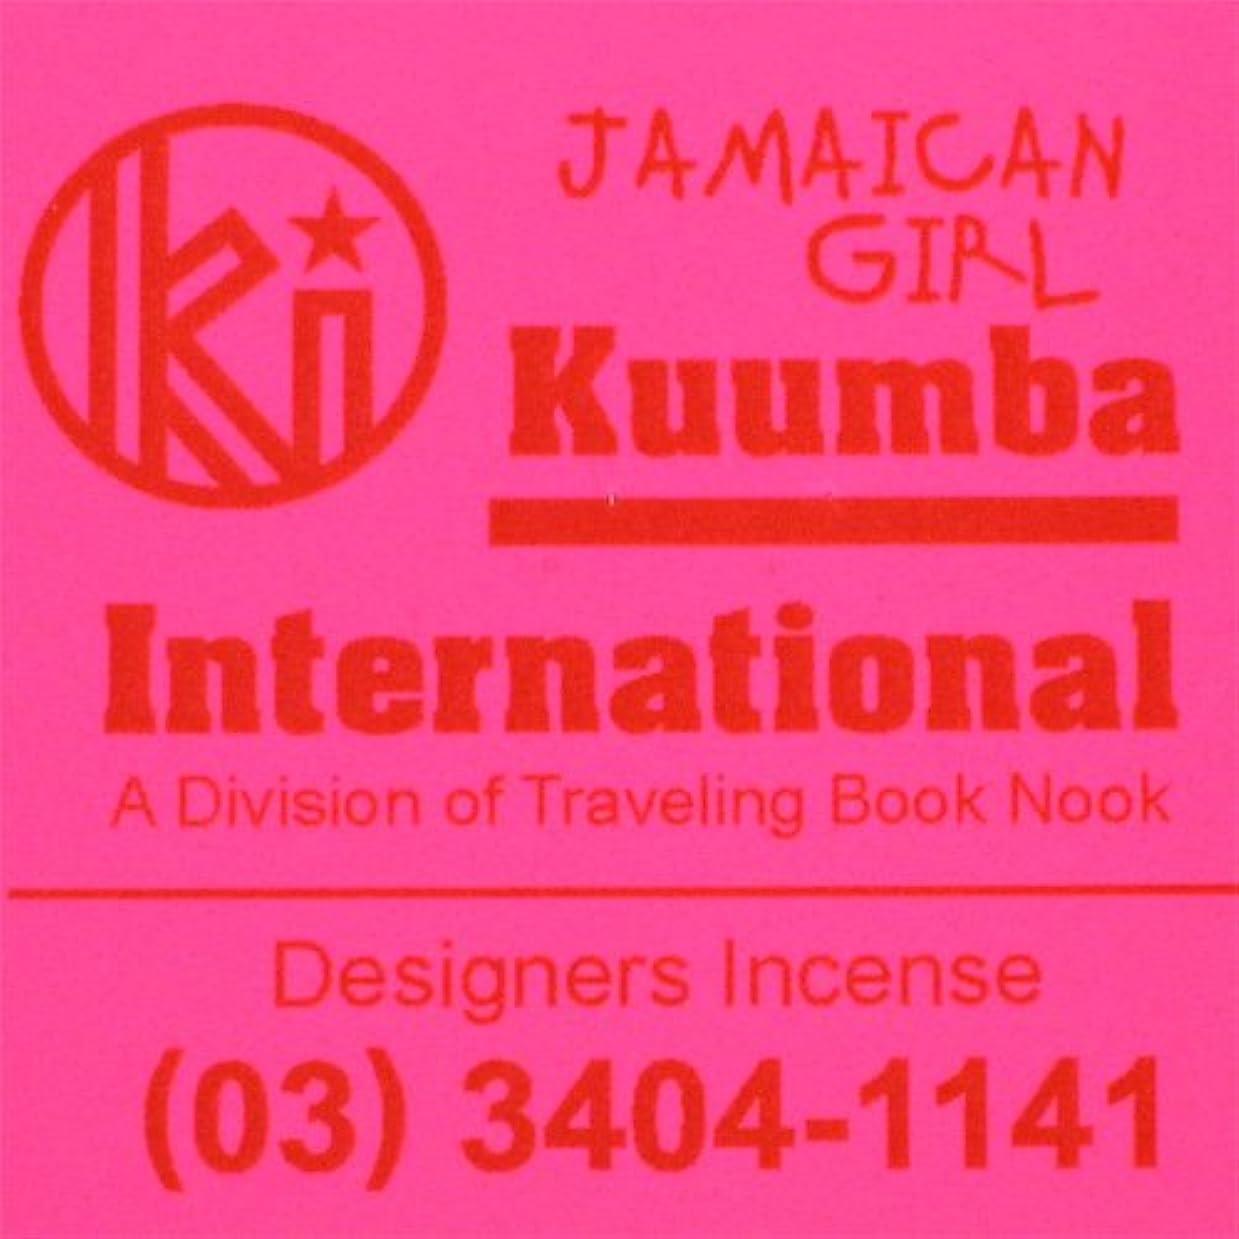 に沿ってライターいろいろKUUMBA / クンバ『incense』(JAMAICAN GIRL) (Regular size)